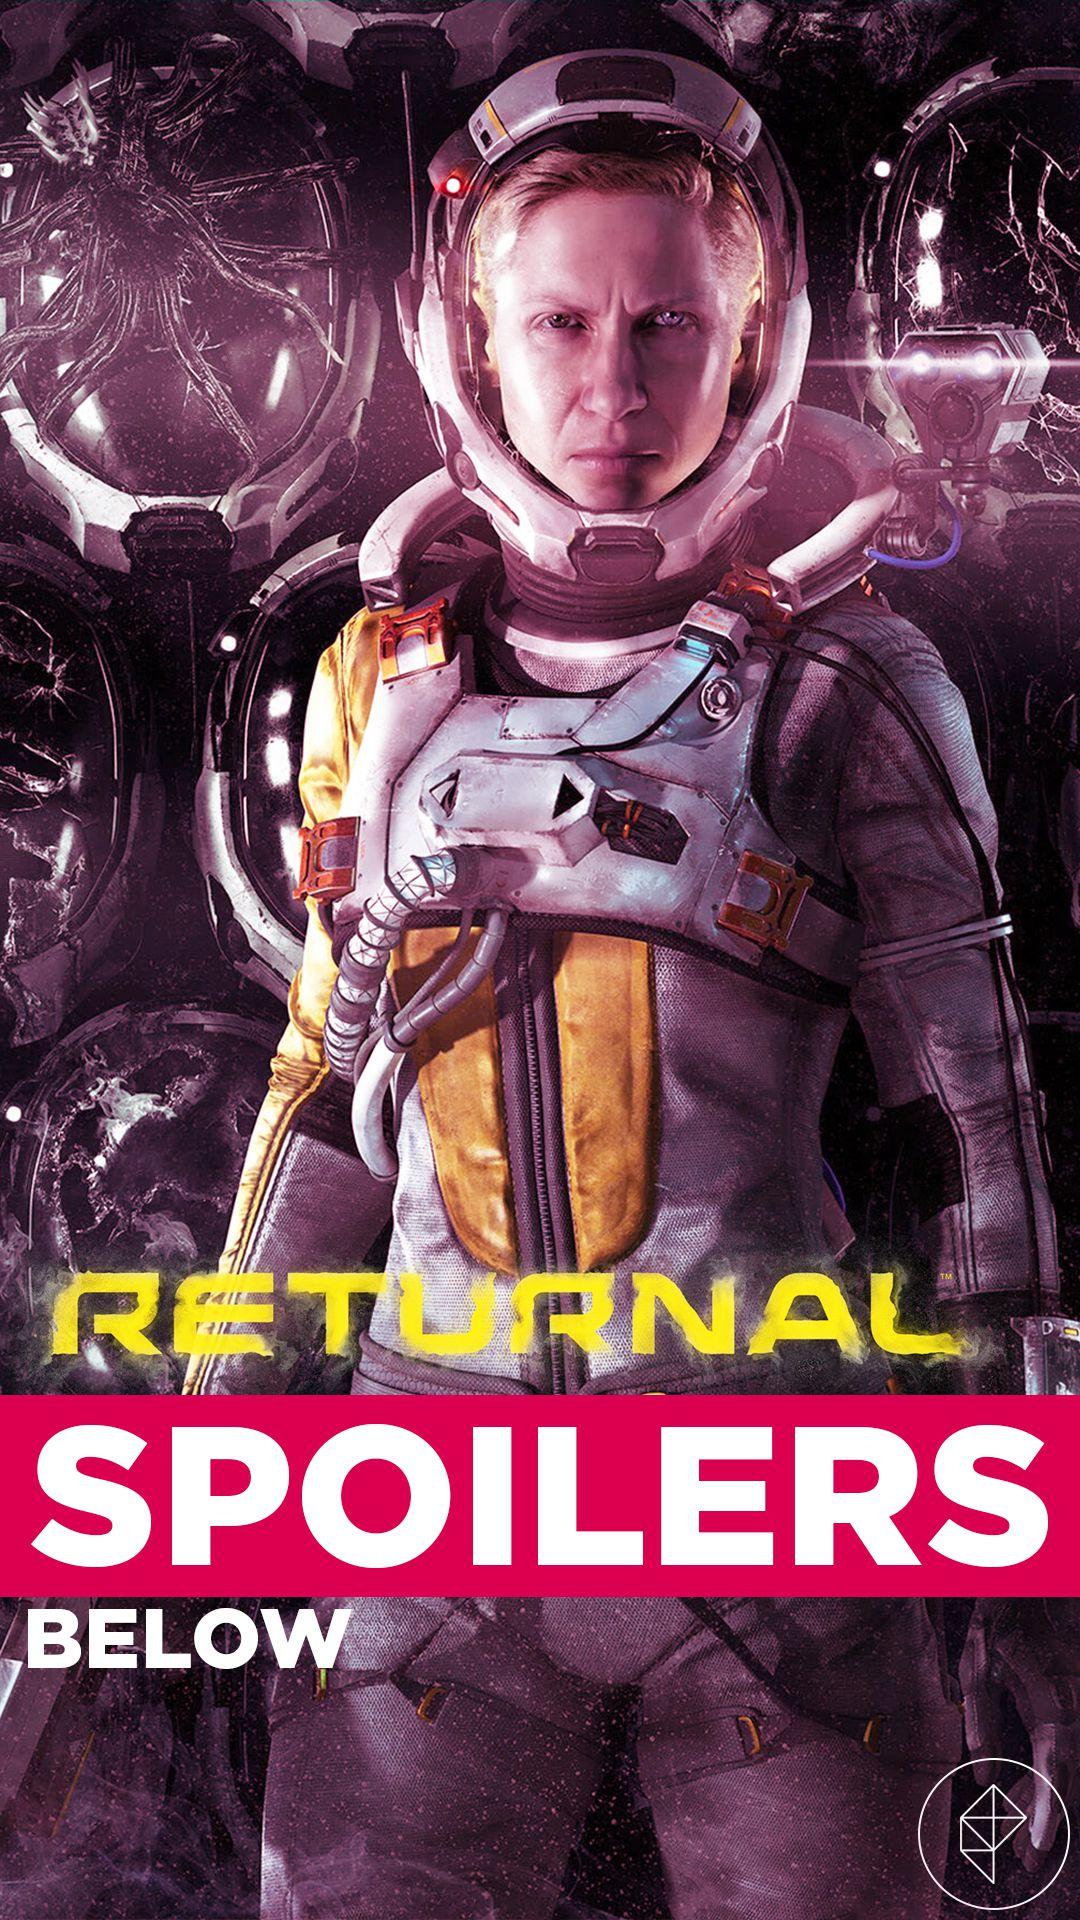 Returnal spoiler image